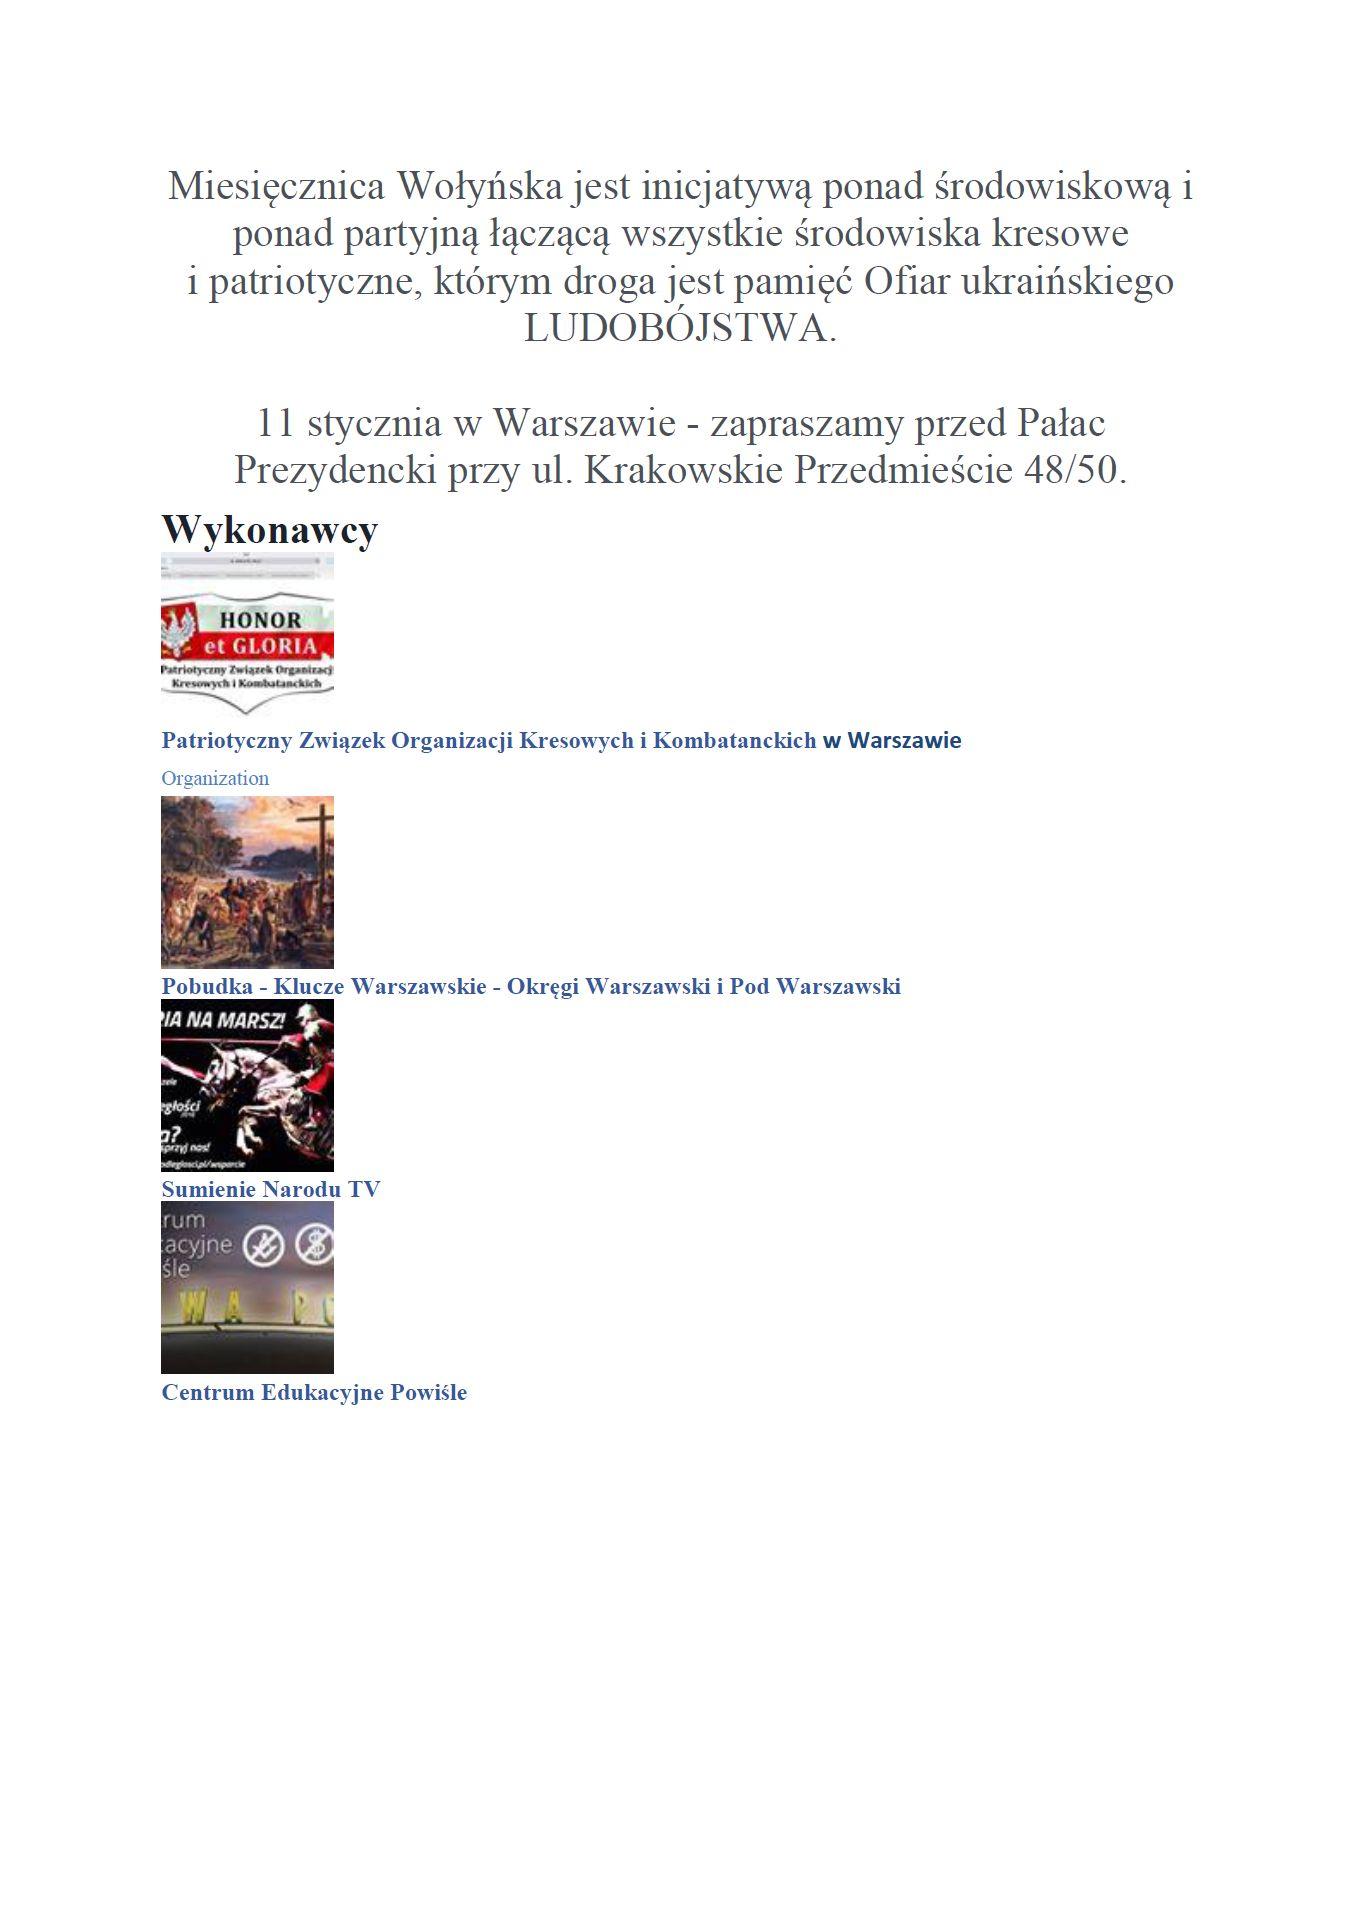 zaproszenie-pzokik-11-stycznia-warszawa_vi_2-pdf